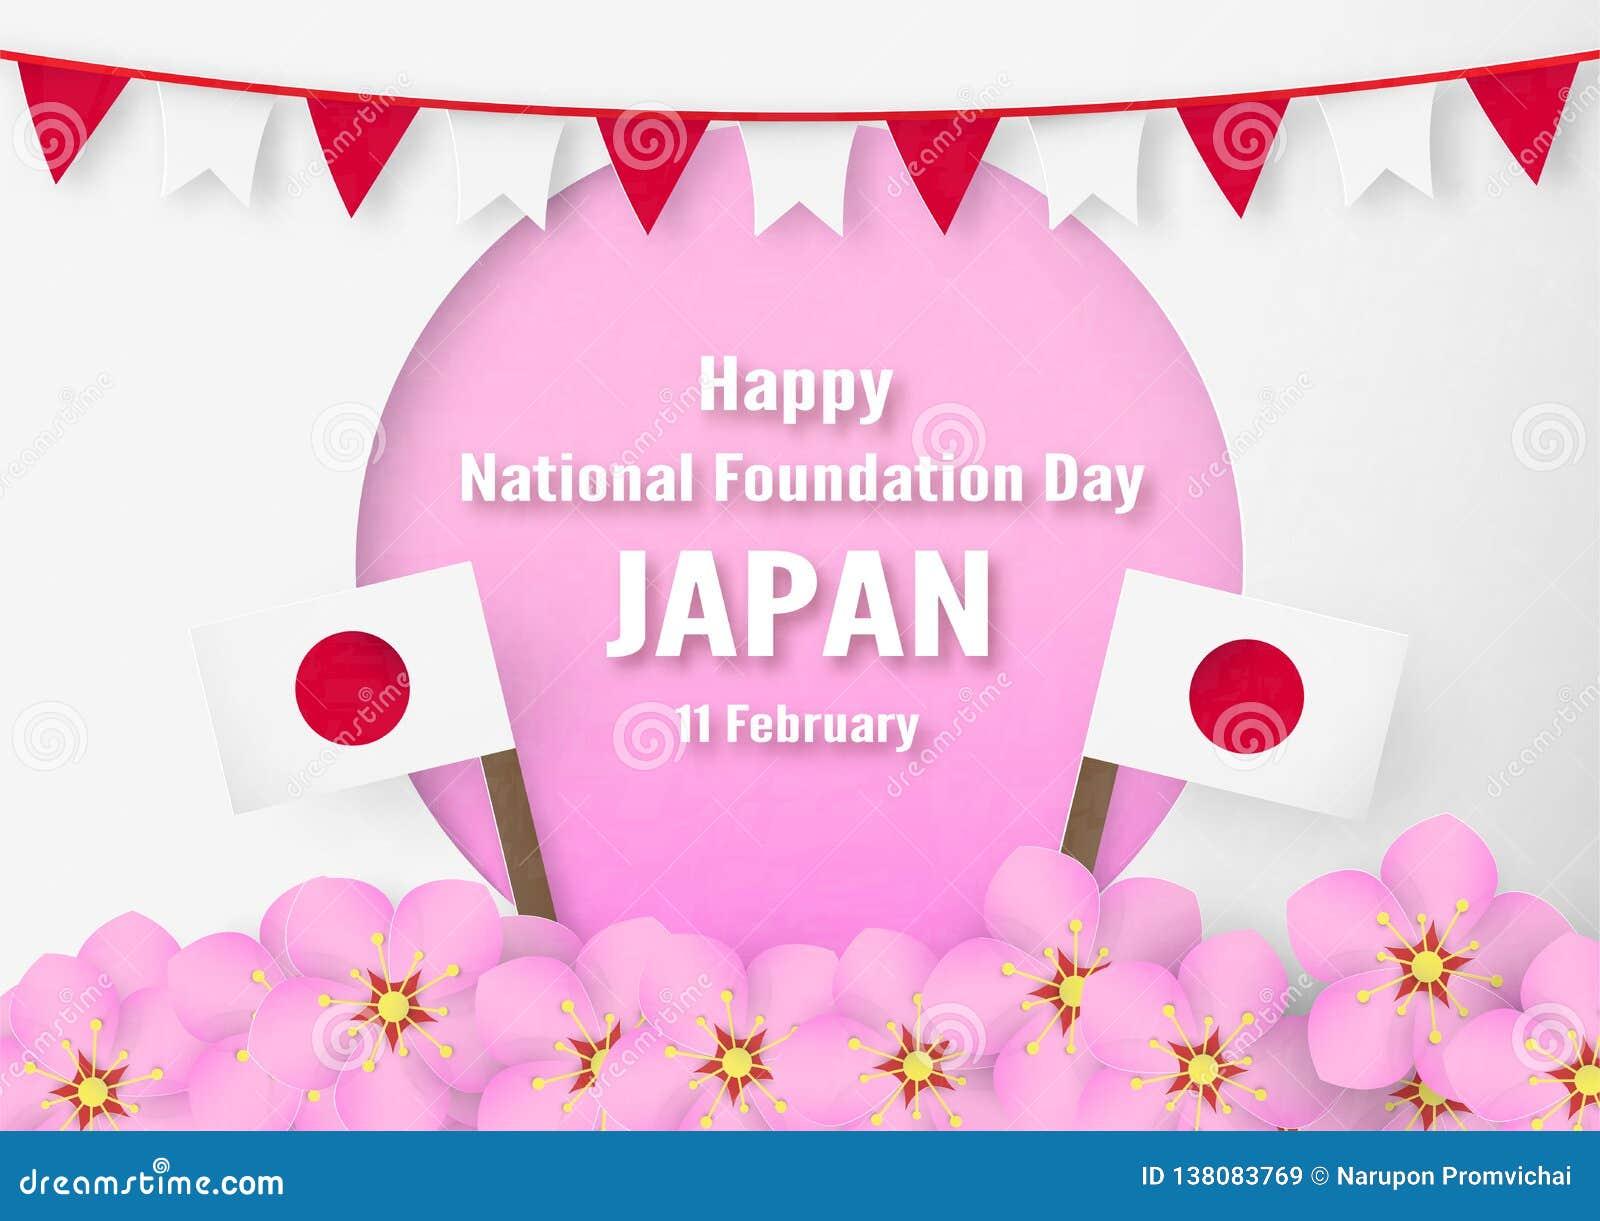 Ευτυχές εθνικό ίδρυμα ημέρα 2019 για τα ιαπωνικά Σχέδιο προτύπων στο flatlay ύφος Διανυσματικό illlustration με την περικοπή και